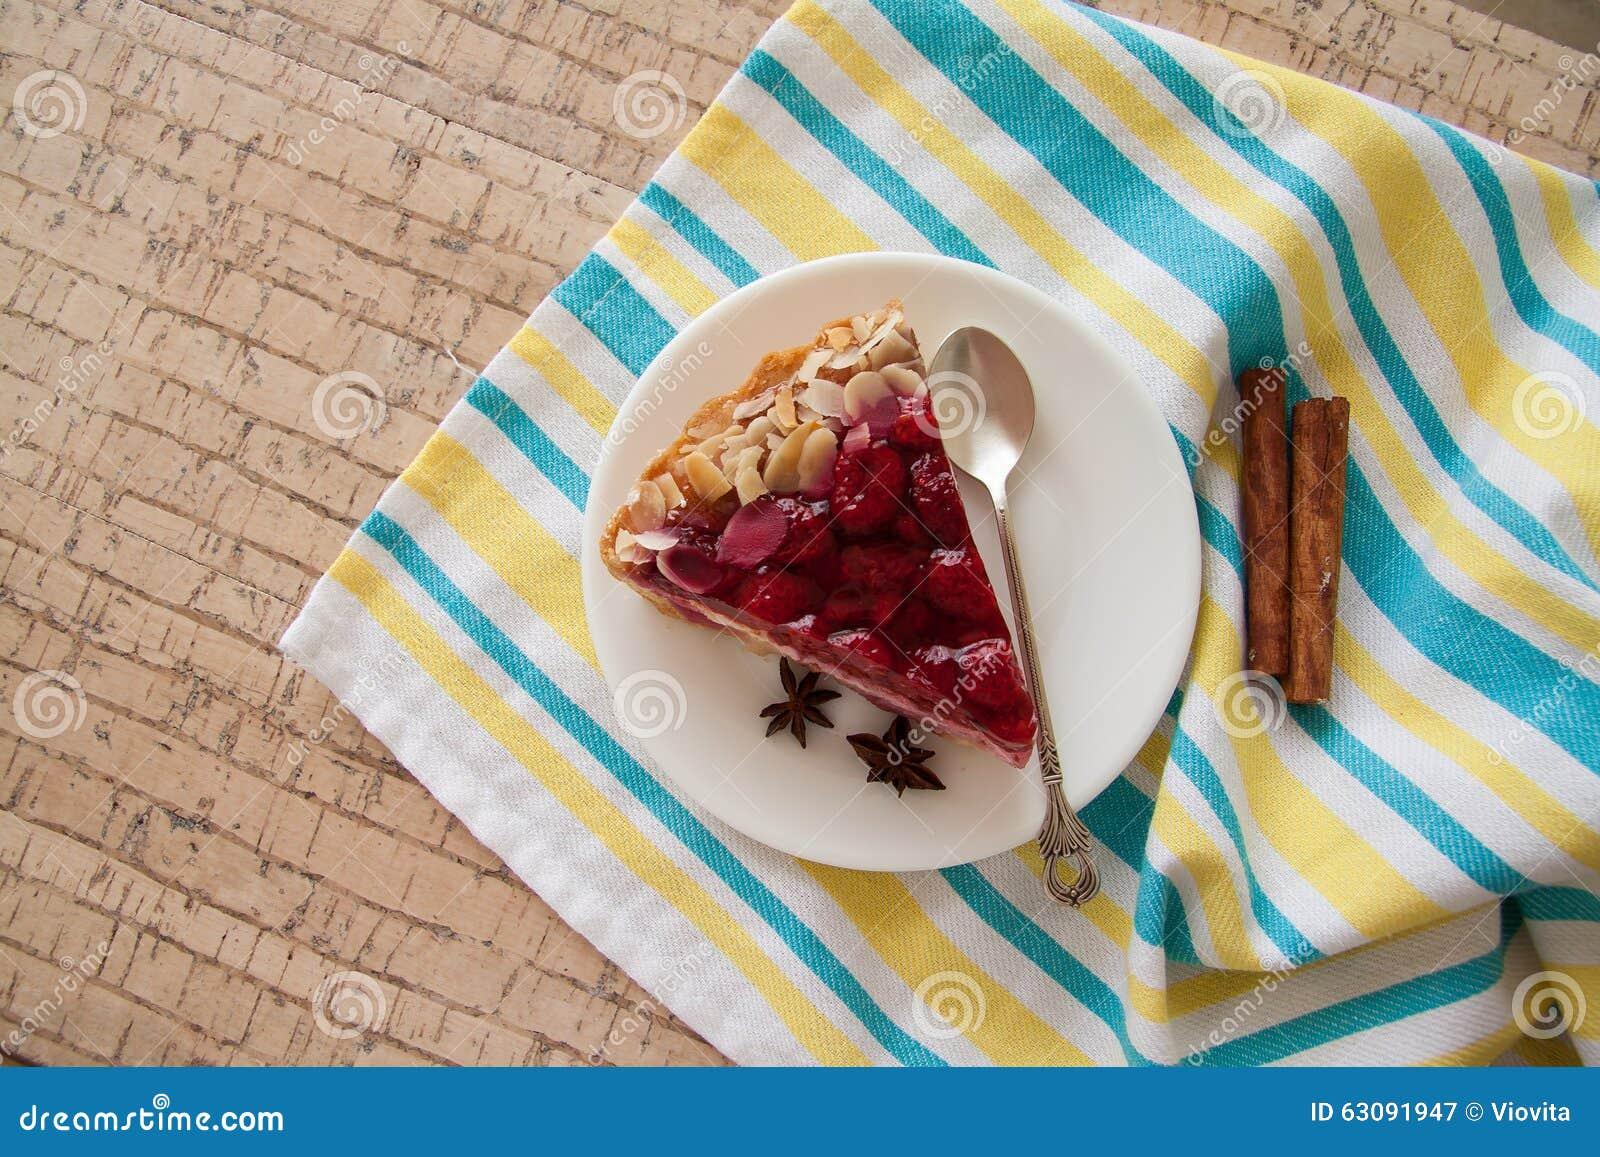 Download Tranche De Gâteau De Framboise Image stock - Image du home, cerise: 63091947